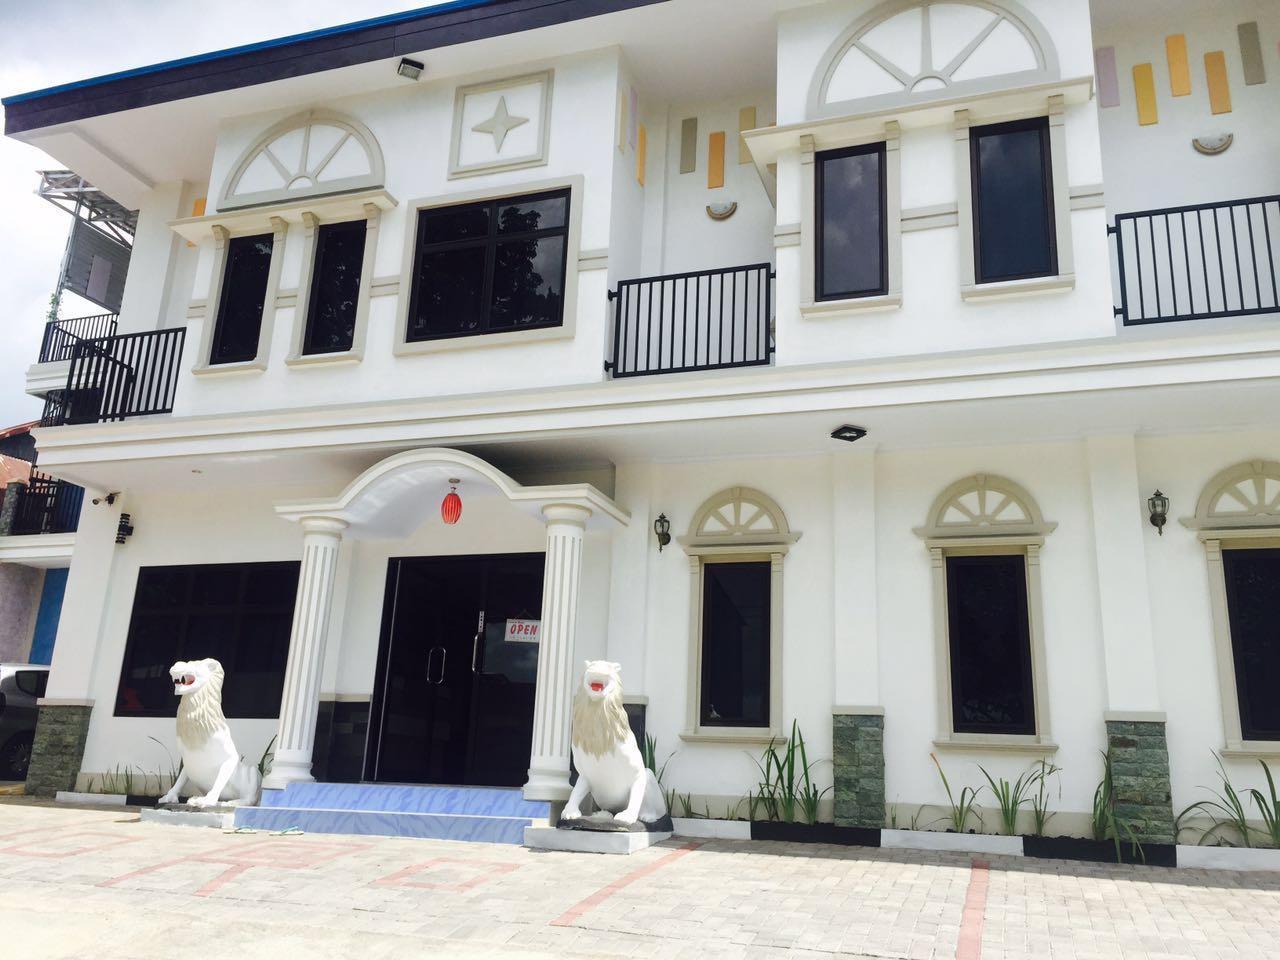 Hotel De Royale Manado - Jl. Pomorow Tikala Baru - Manado